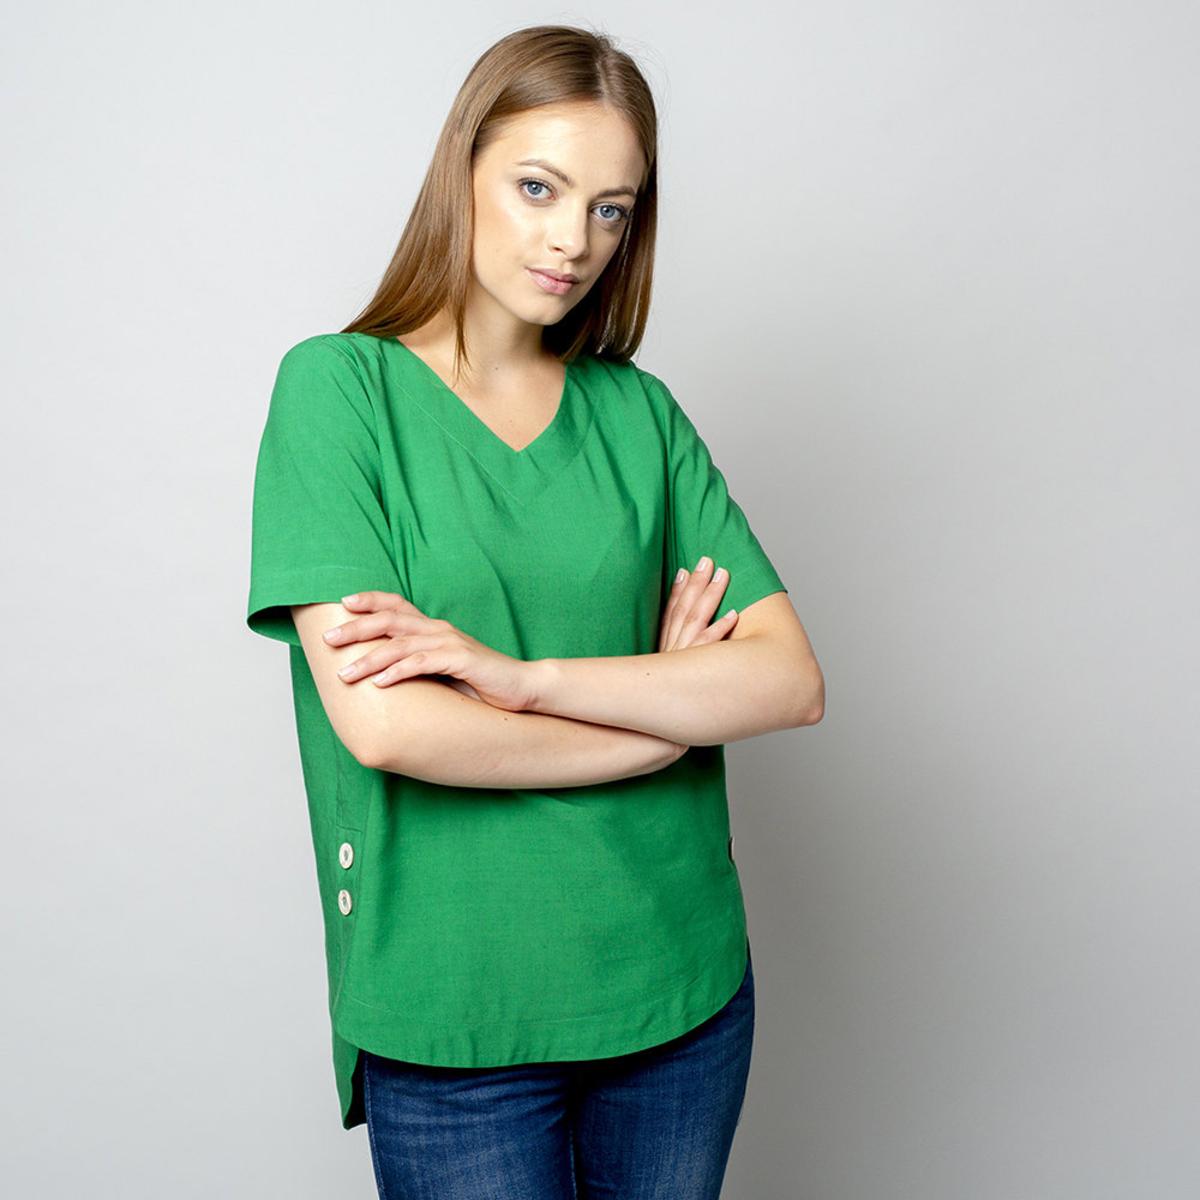 Dámske tričko zelenej farby s prídavkom ľanu 10912 34